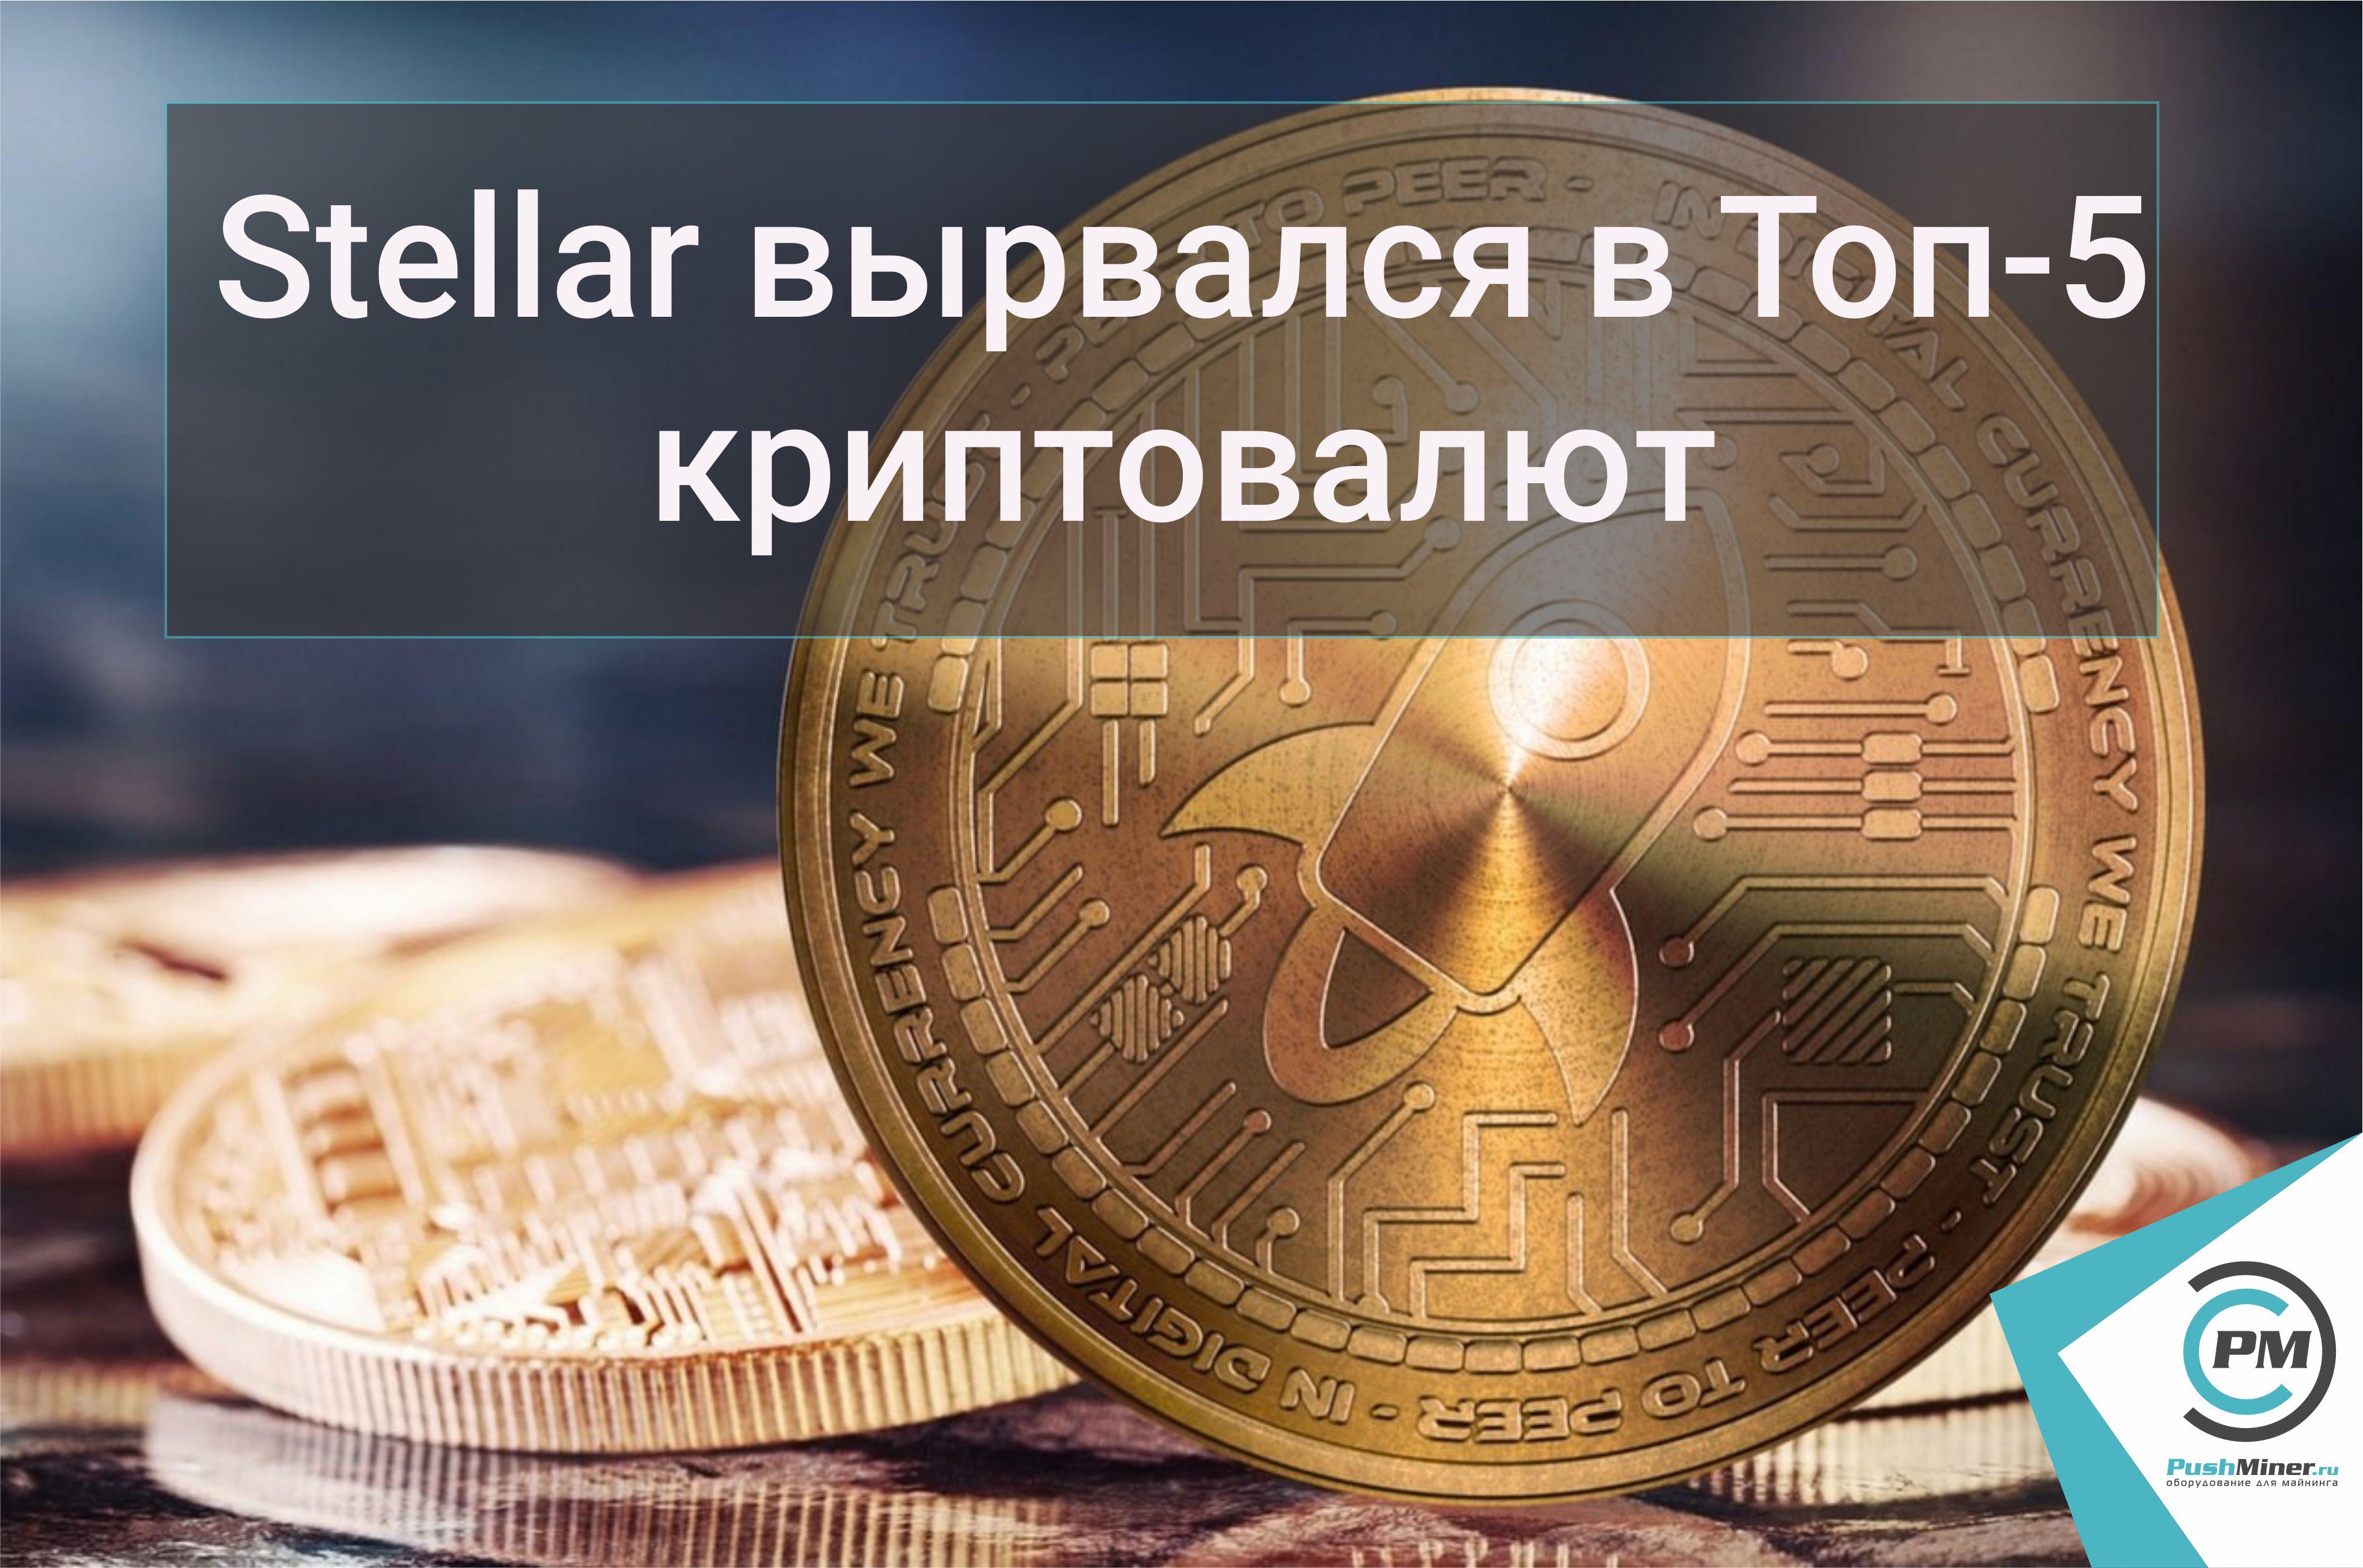 Stellar вырвался в Топ-5 криптовалют